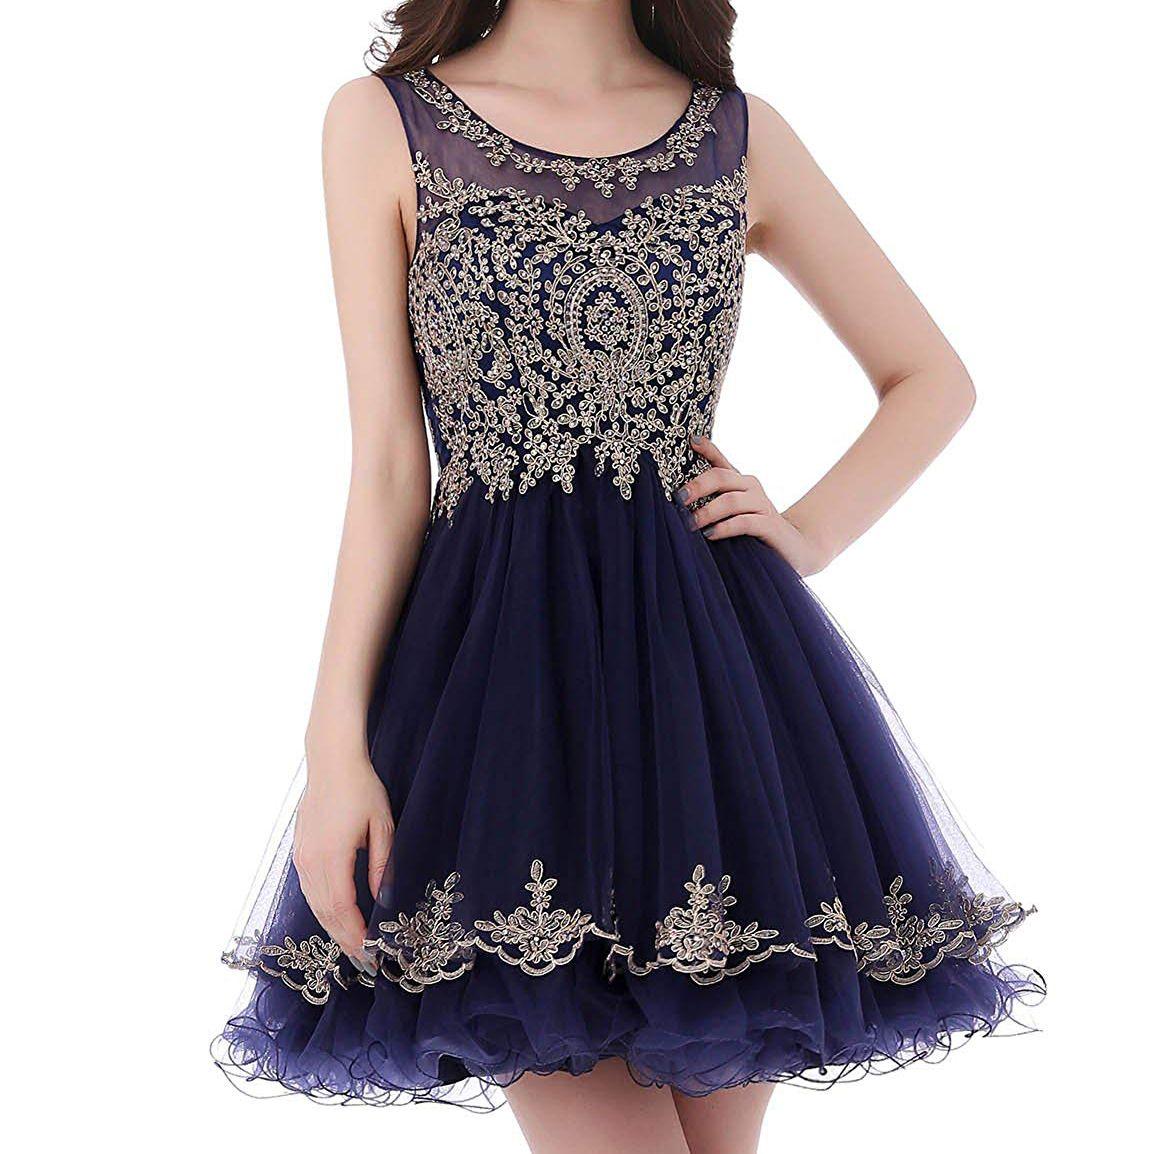 Satın Al 2019 Kısa Homecoming Parti Elbise Tül Puf Altın Dantel Aplikler Gençler Vestidos 15 Anos Geri See Through Sınıf Gelinlik Modelleri 9046